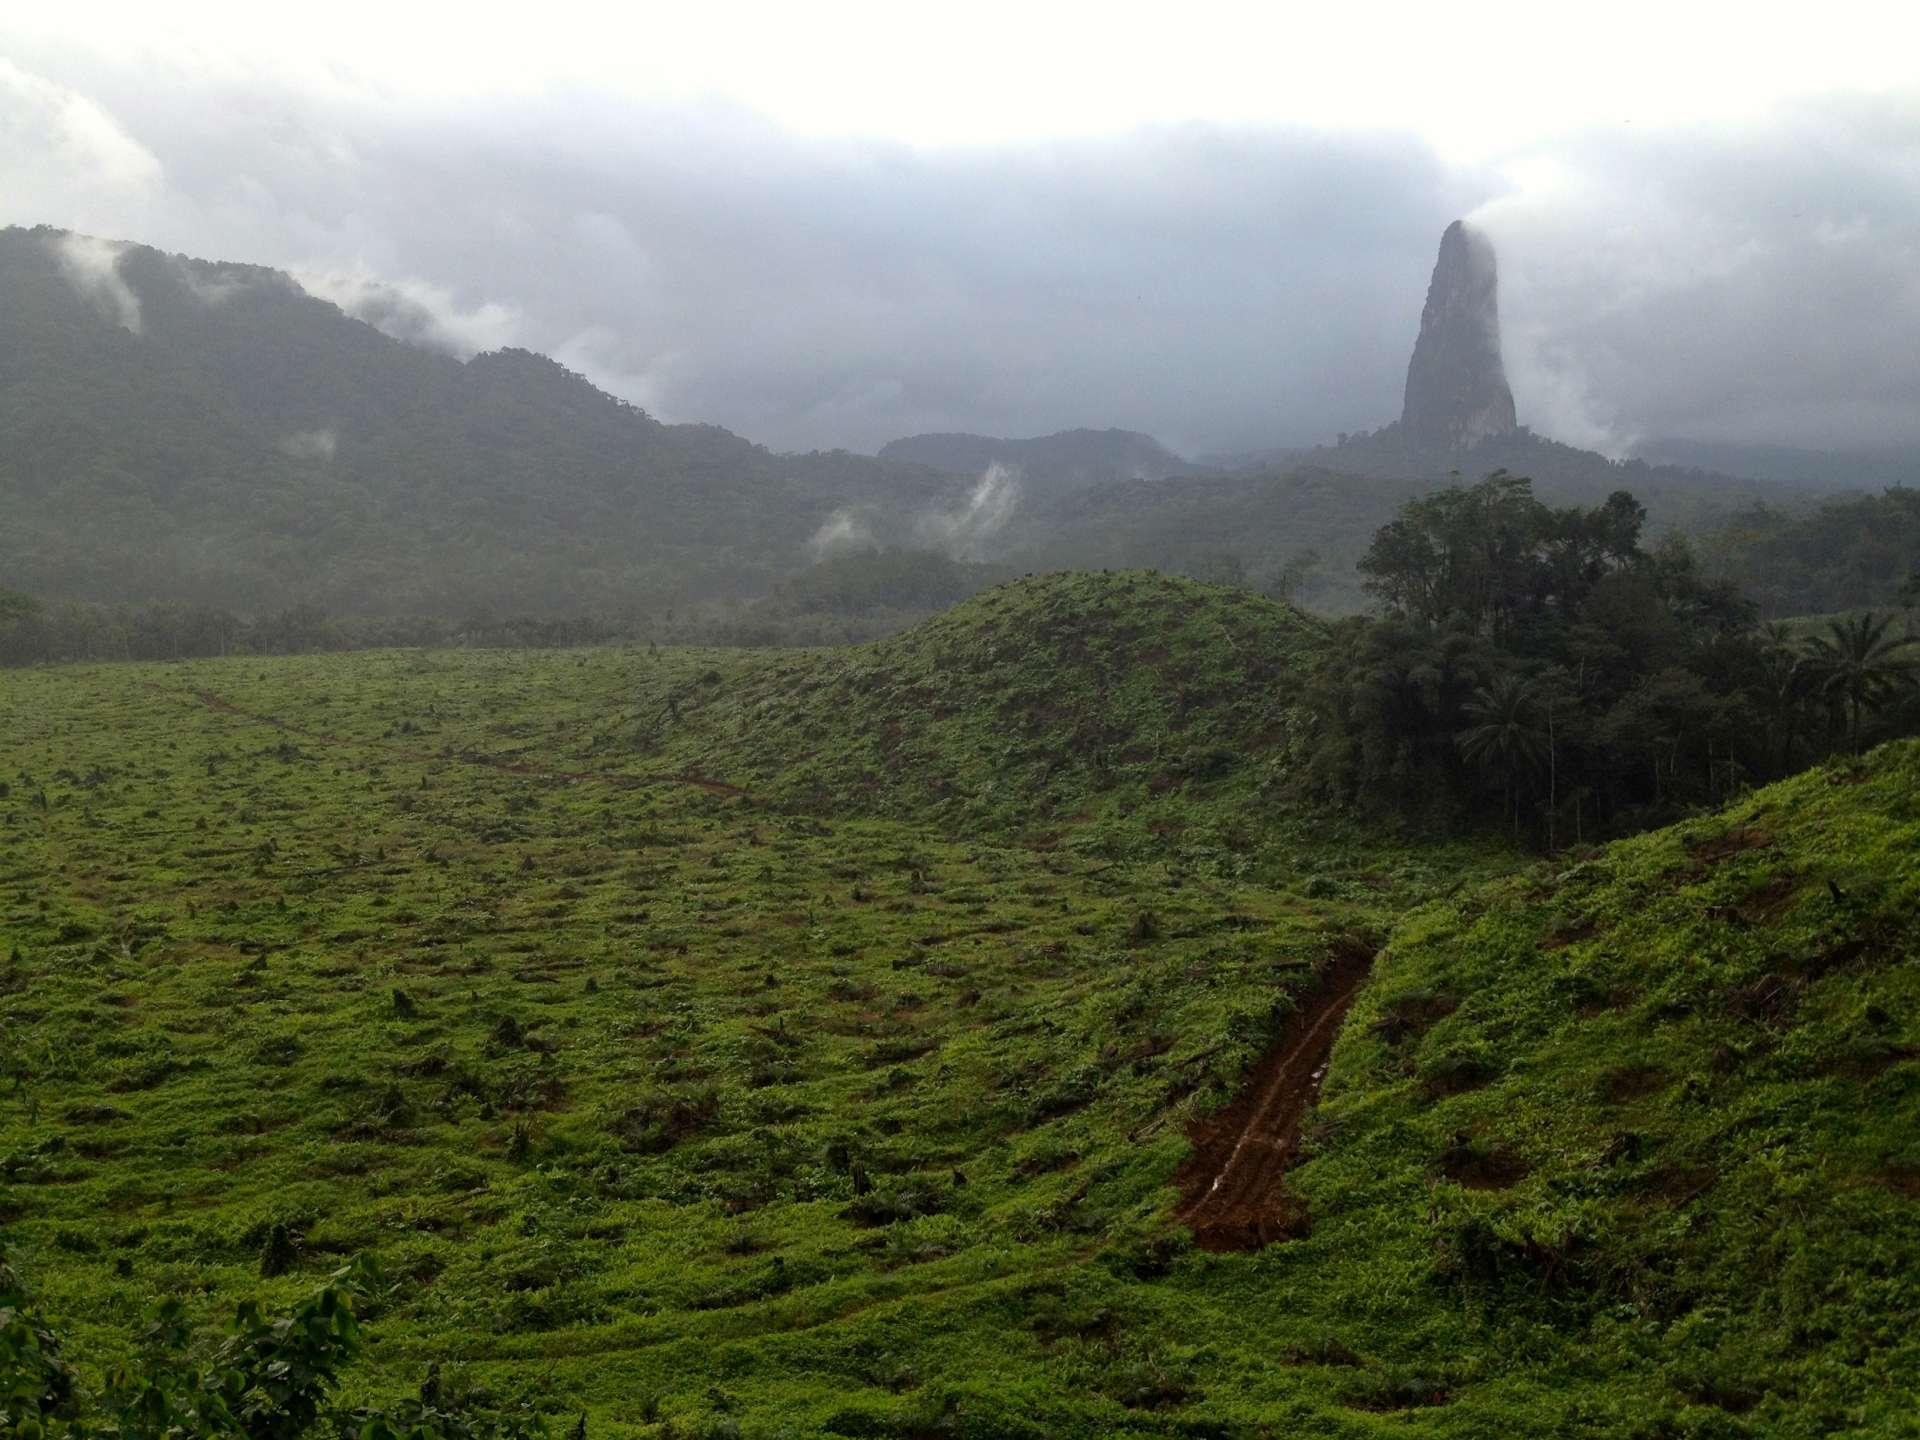 Parc Naturel de Ôbo et vue sur le Pico do Cão Grande, parcourir l'île de Sao Tomé en séjournant dans de petites structures rurales